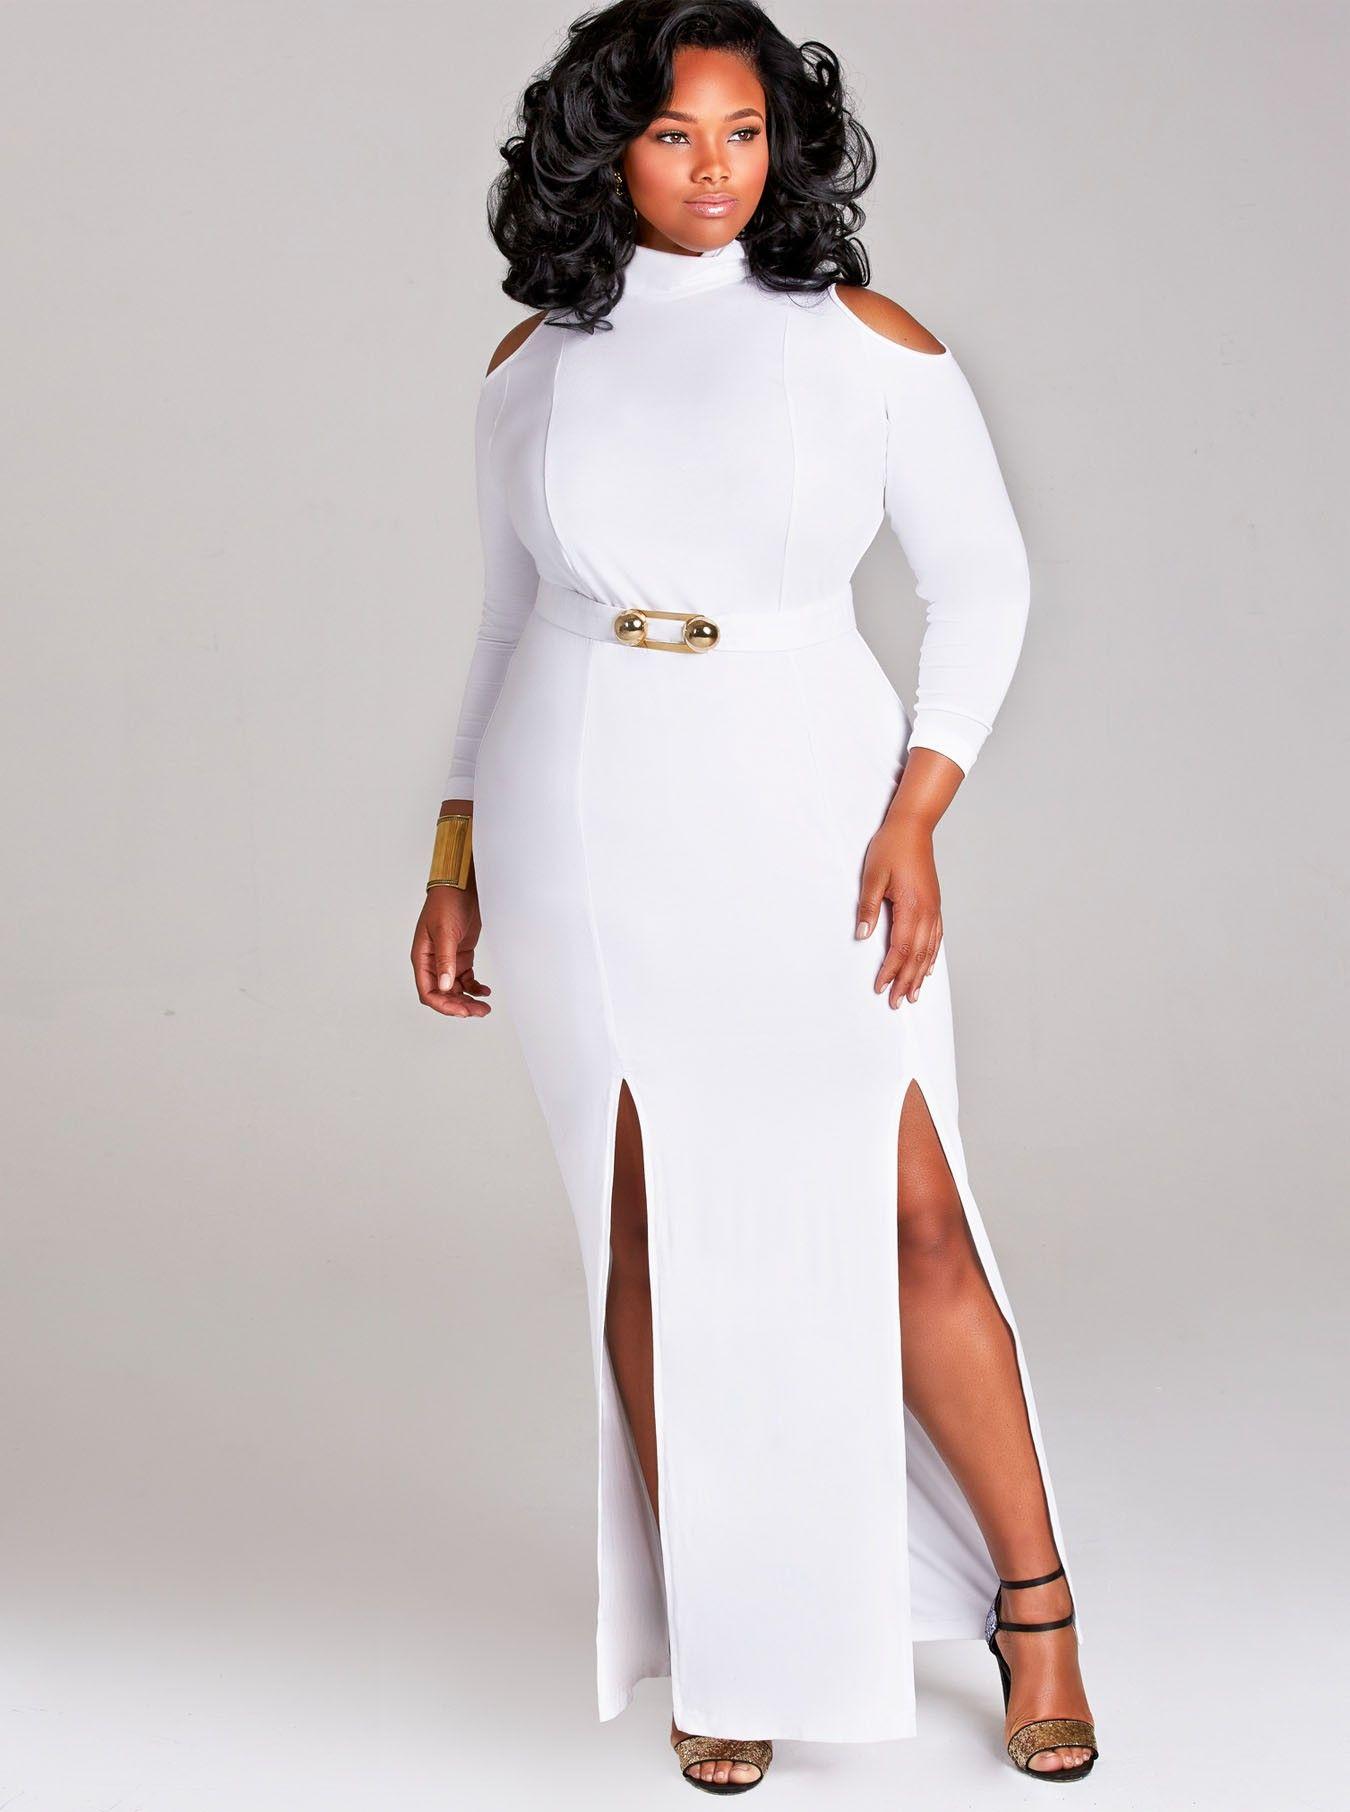 White Plus Size Cocktail Dresses Under 100 - Discount Evening Dresses